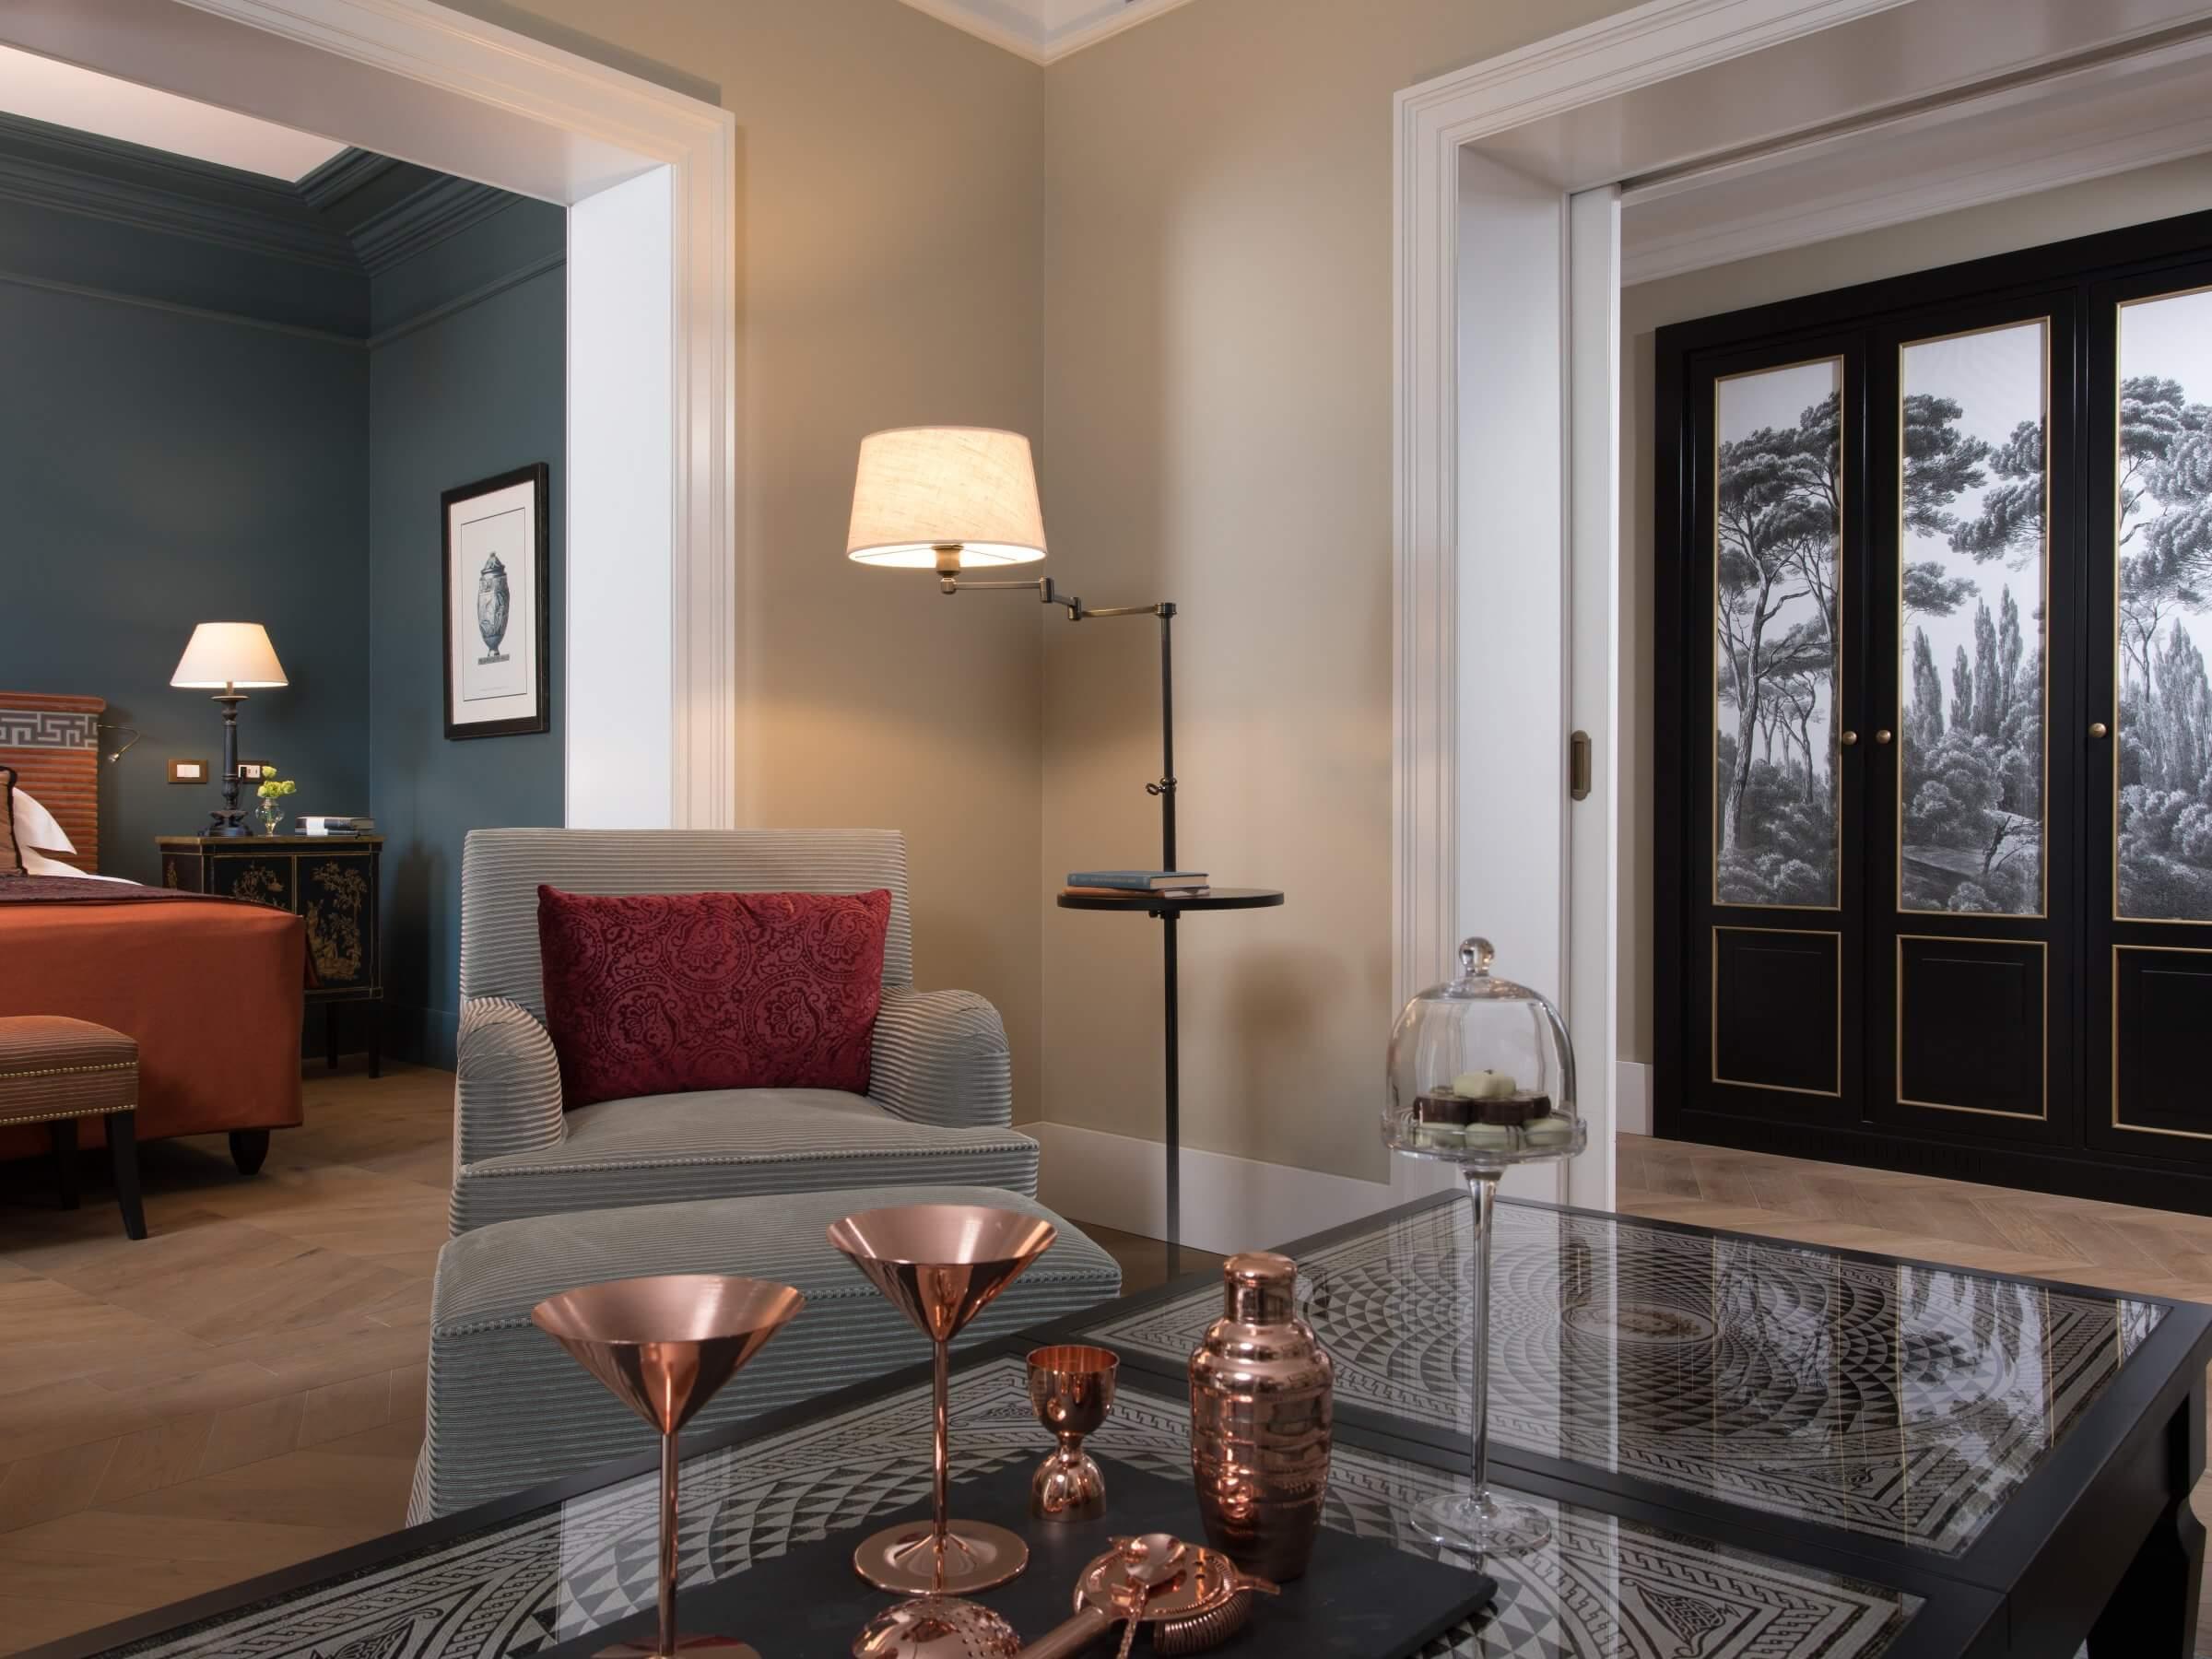 Hotel De La Ville - Suite overview